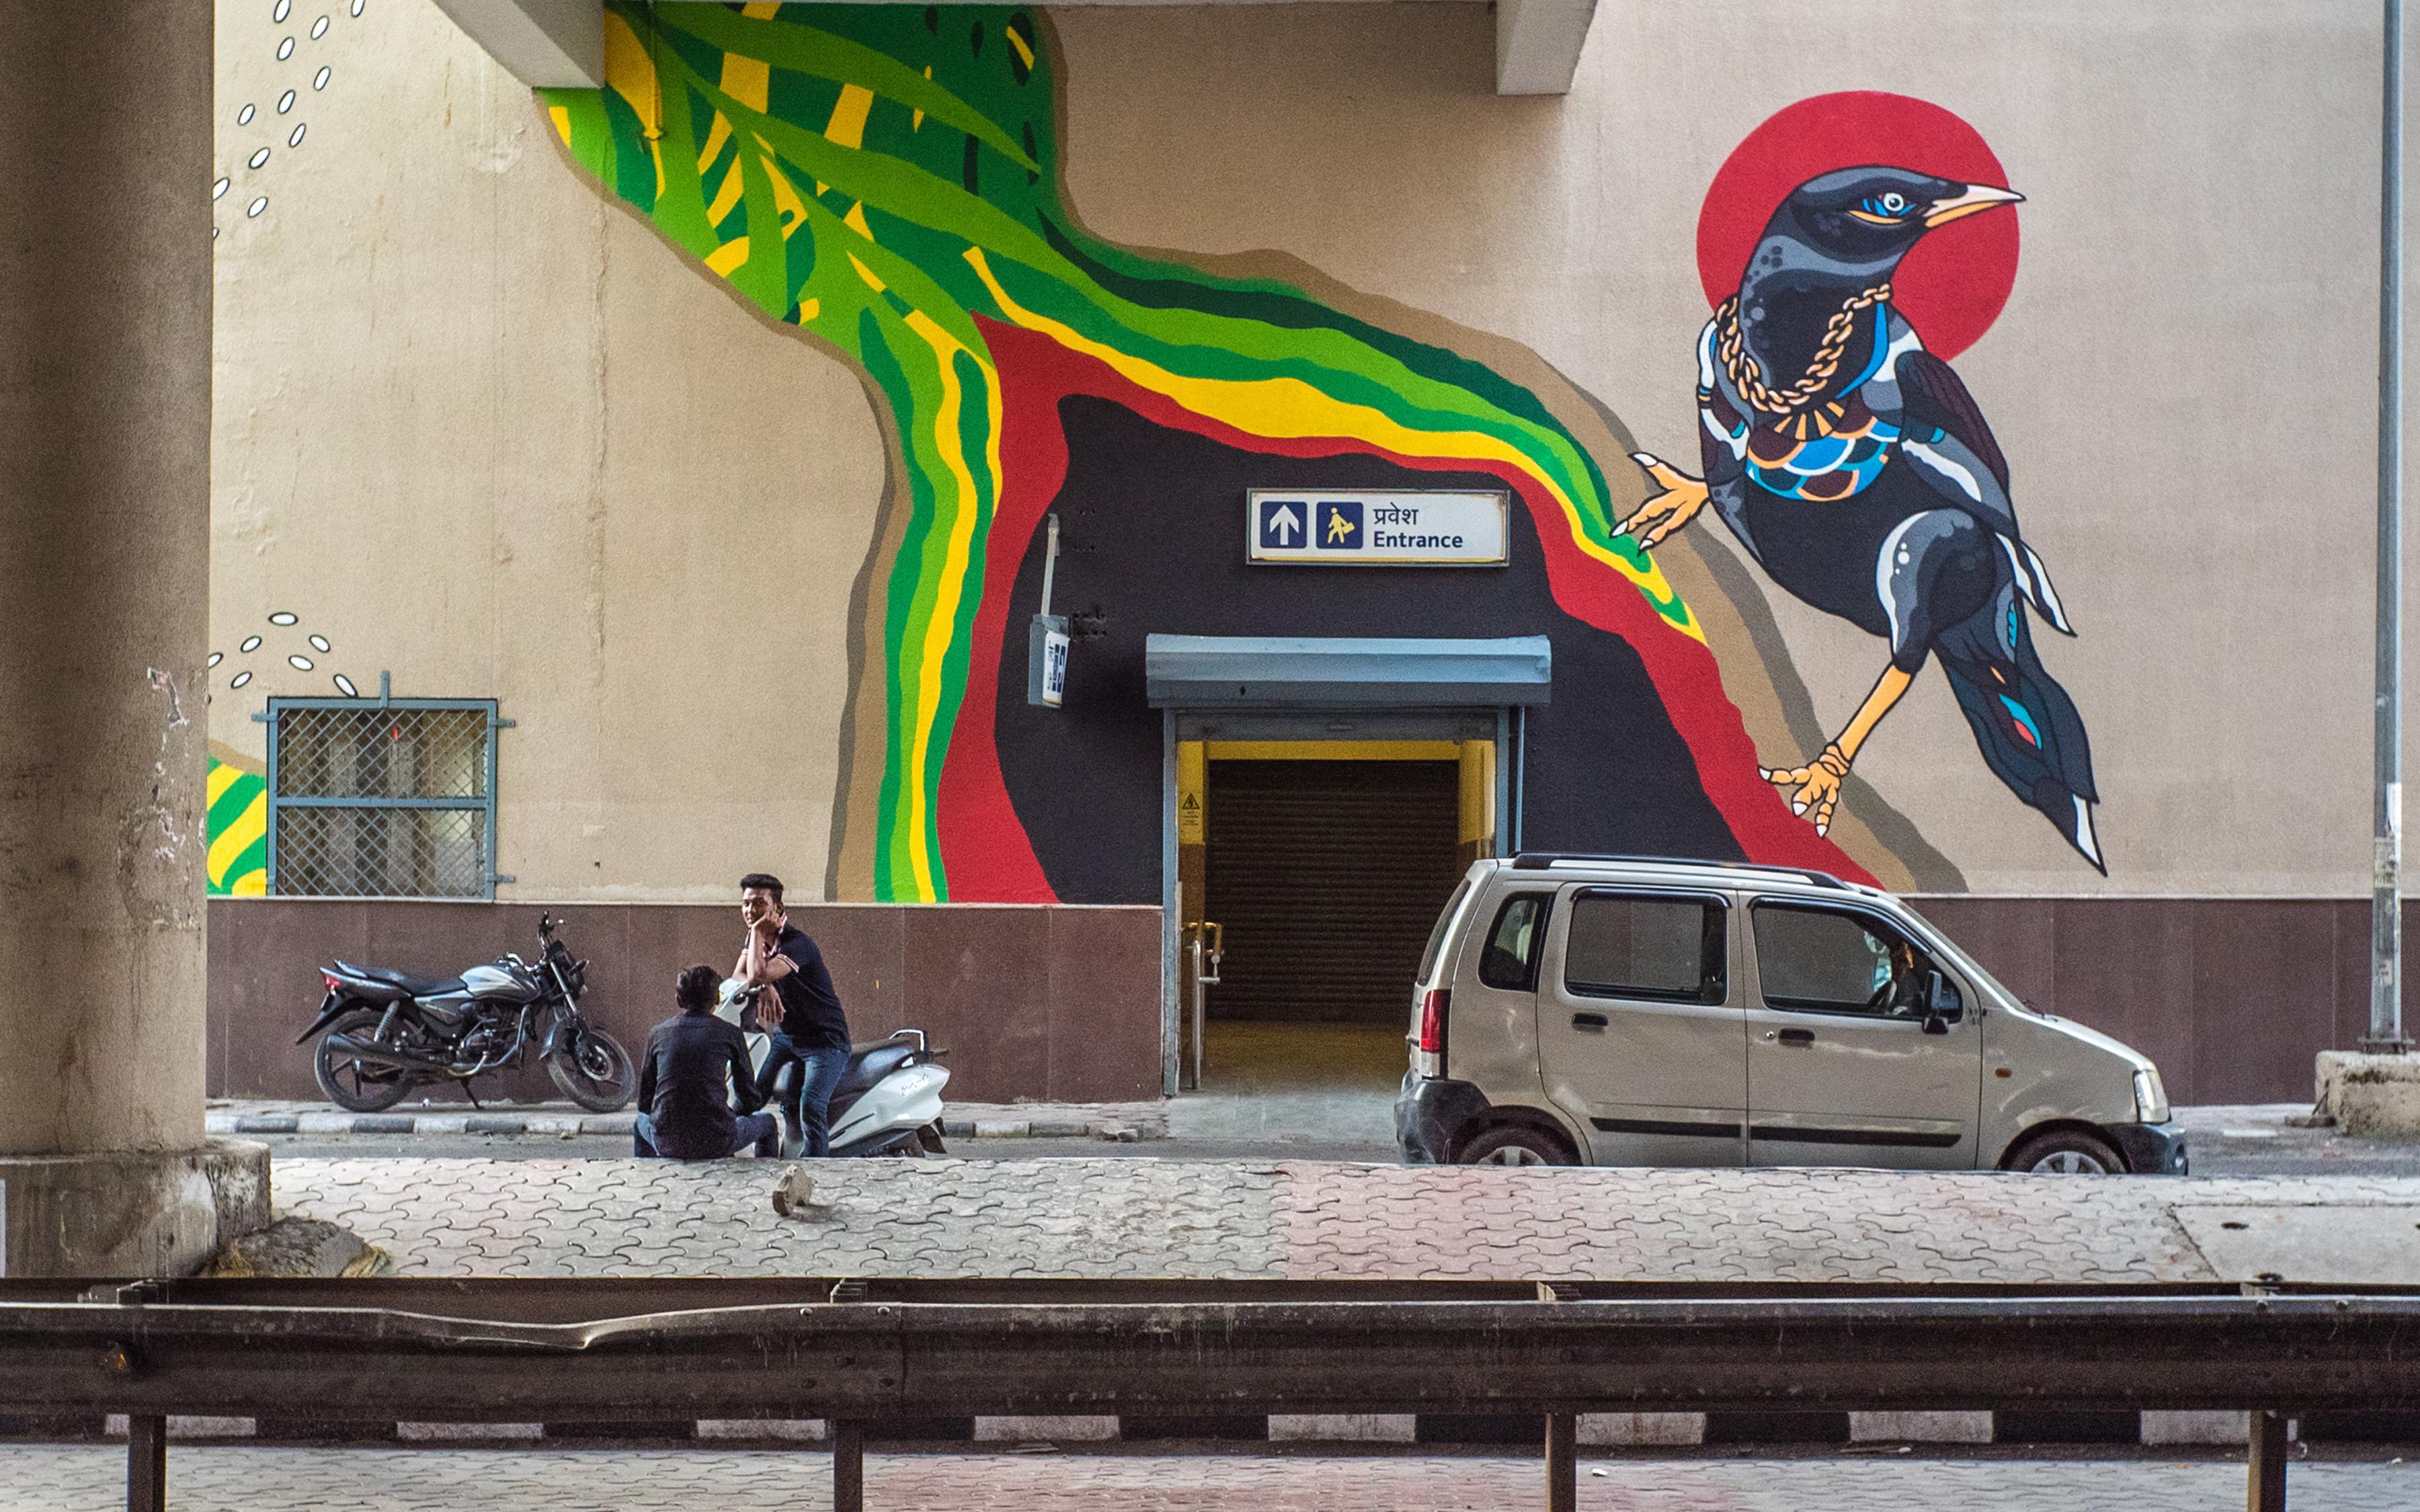 Sam Soph Reveals Arjan Garh Metro St Art DMRC Project 2017 Pranav Gohil 5